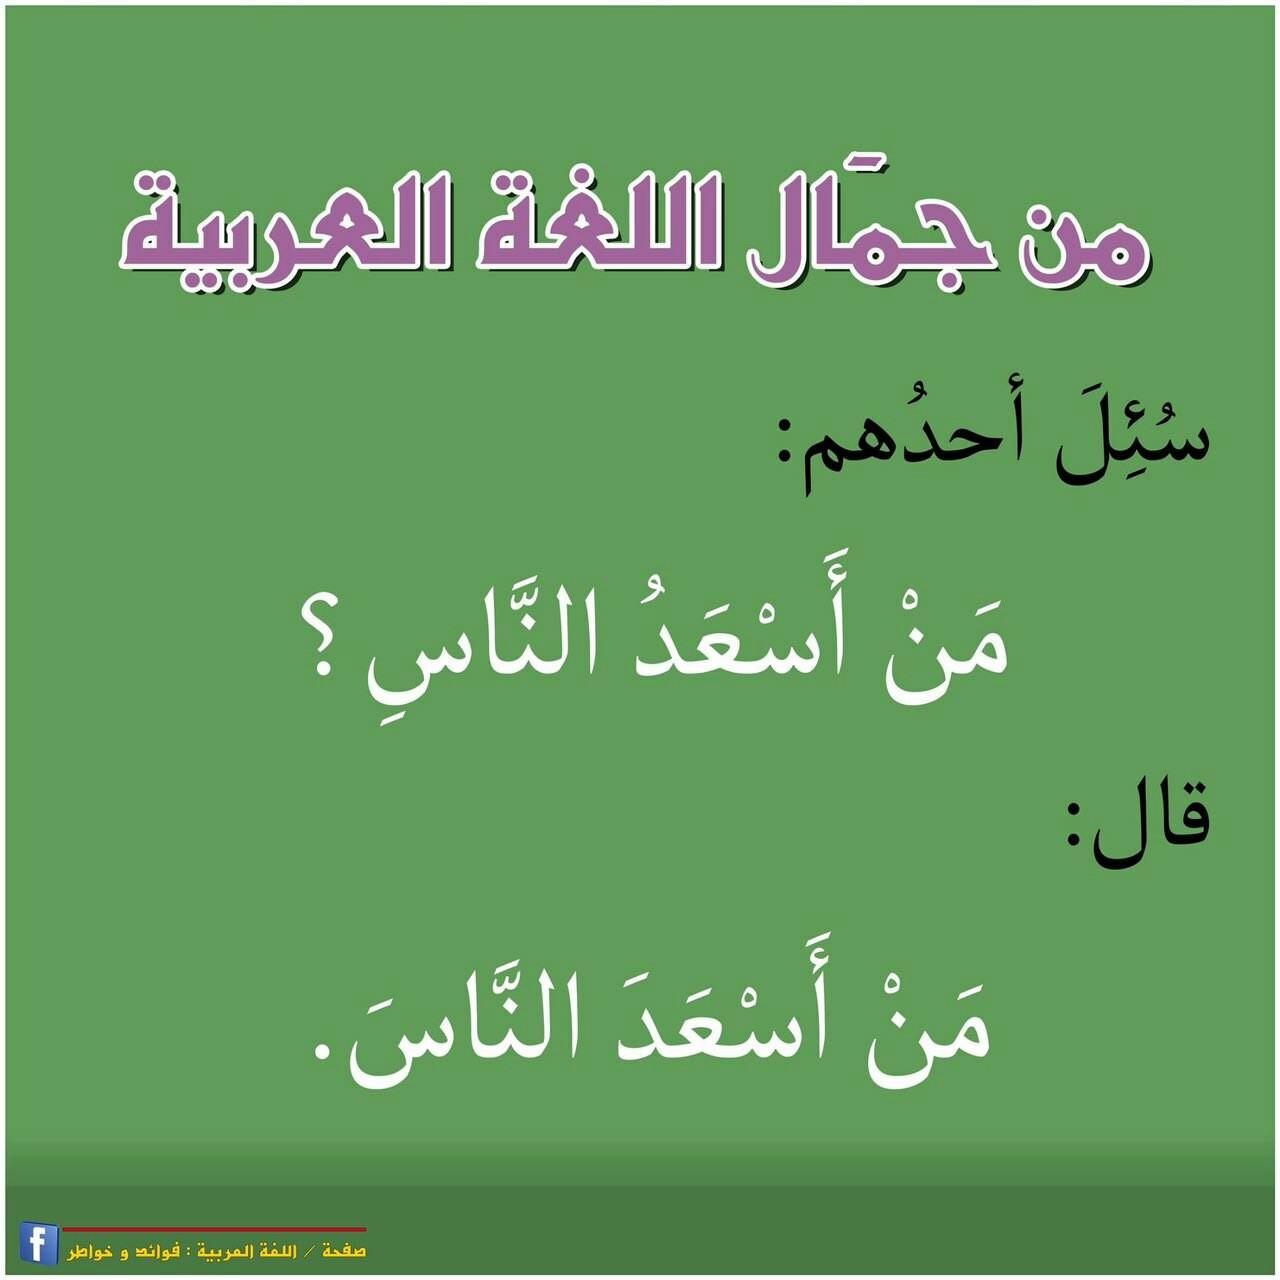 صورة فوائد اللغة العربية , كيف تحمي لغتك